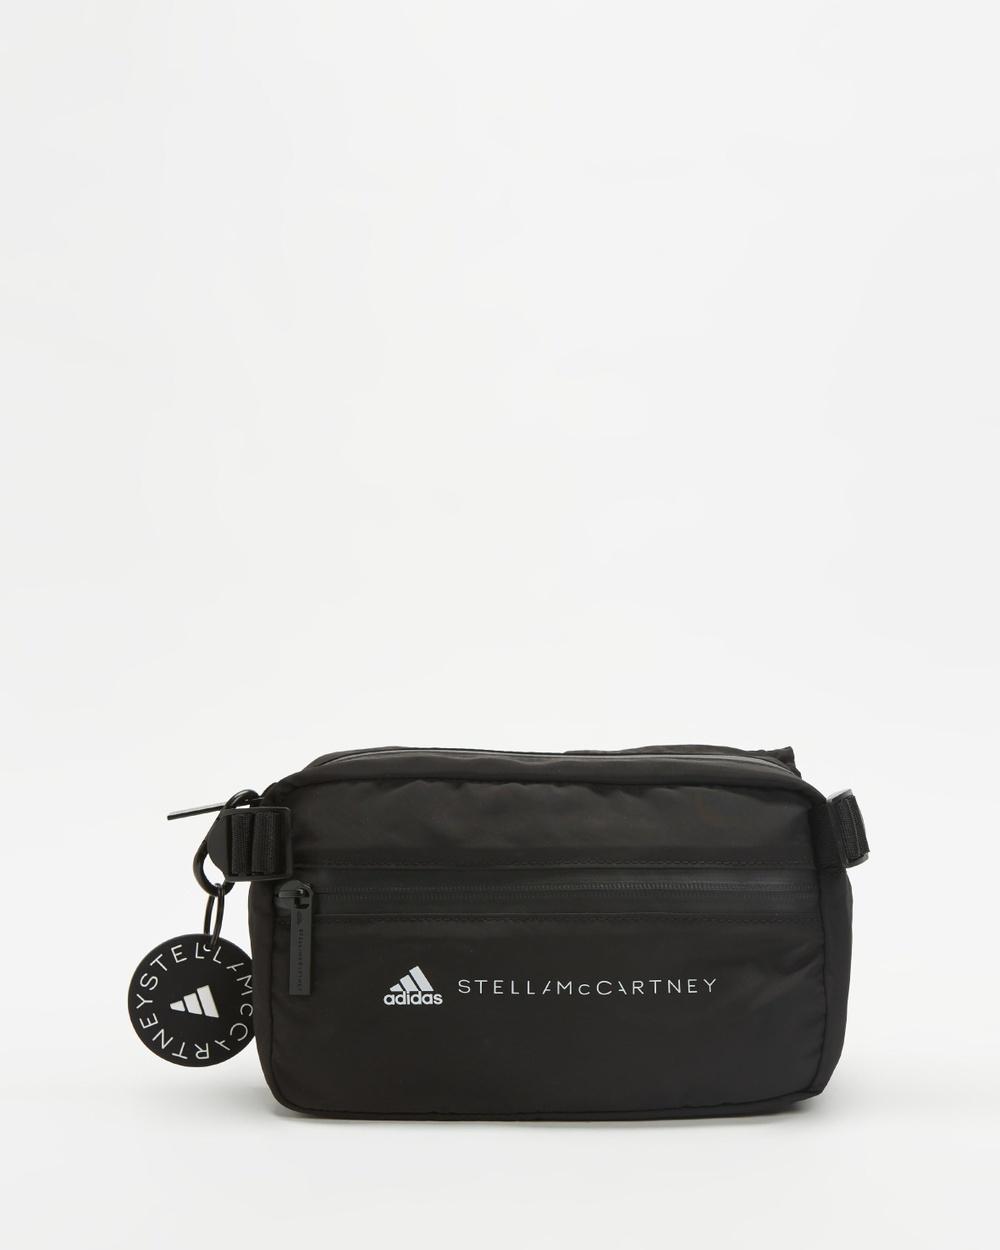 adidas by Stella McCartney Bumbag Bum Bags Black & White